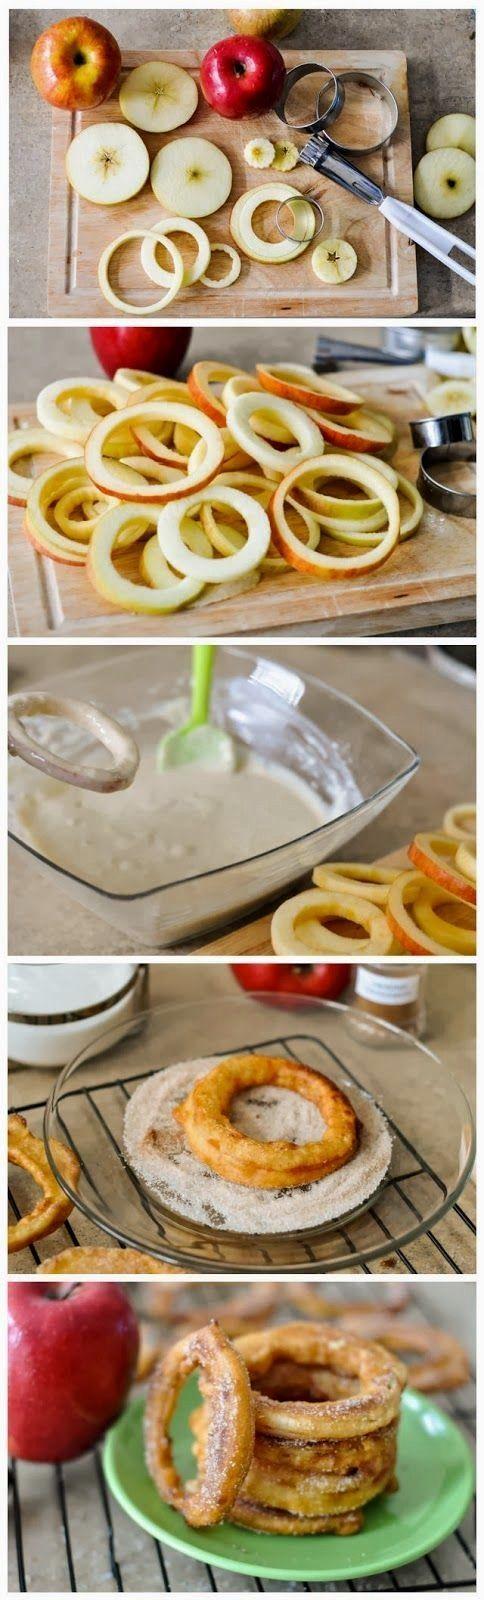 Apple Cinnamon Rings..